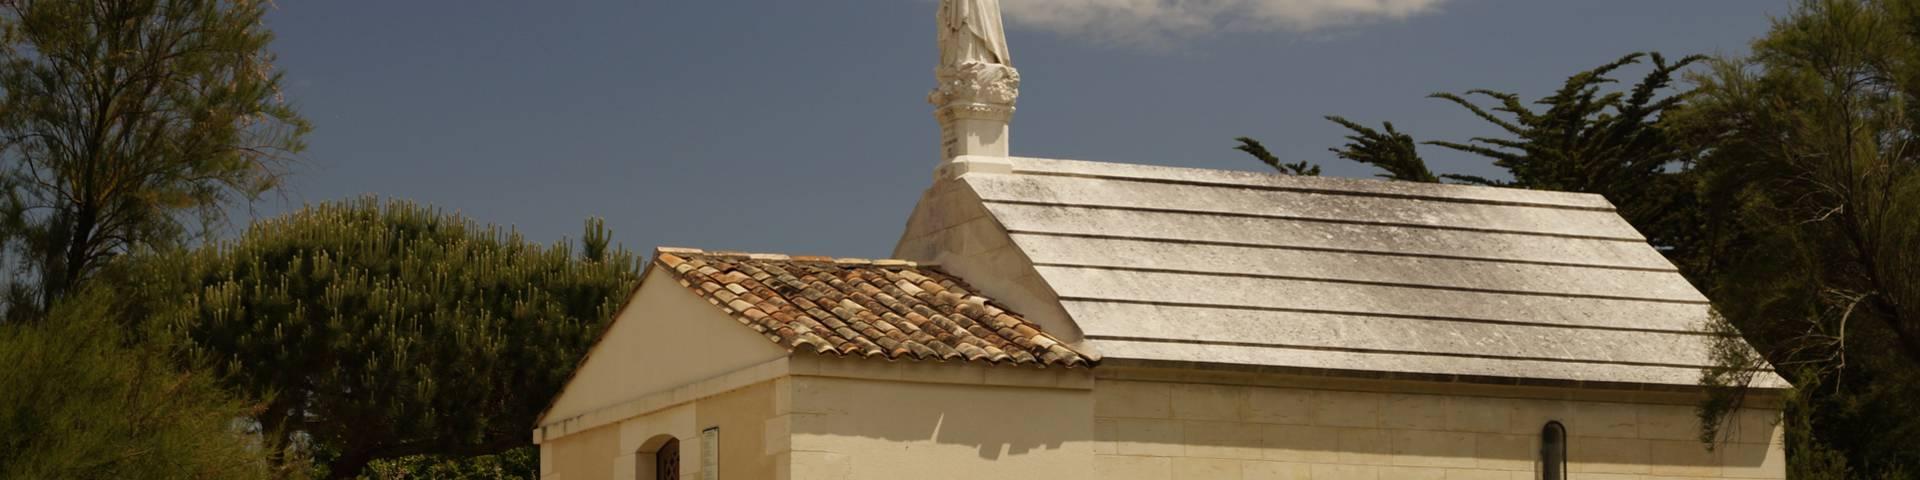 La Chapelle de la Redoute, Les Portes-en-Ré, Ile de Ré